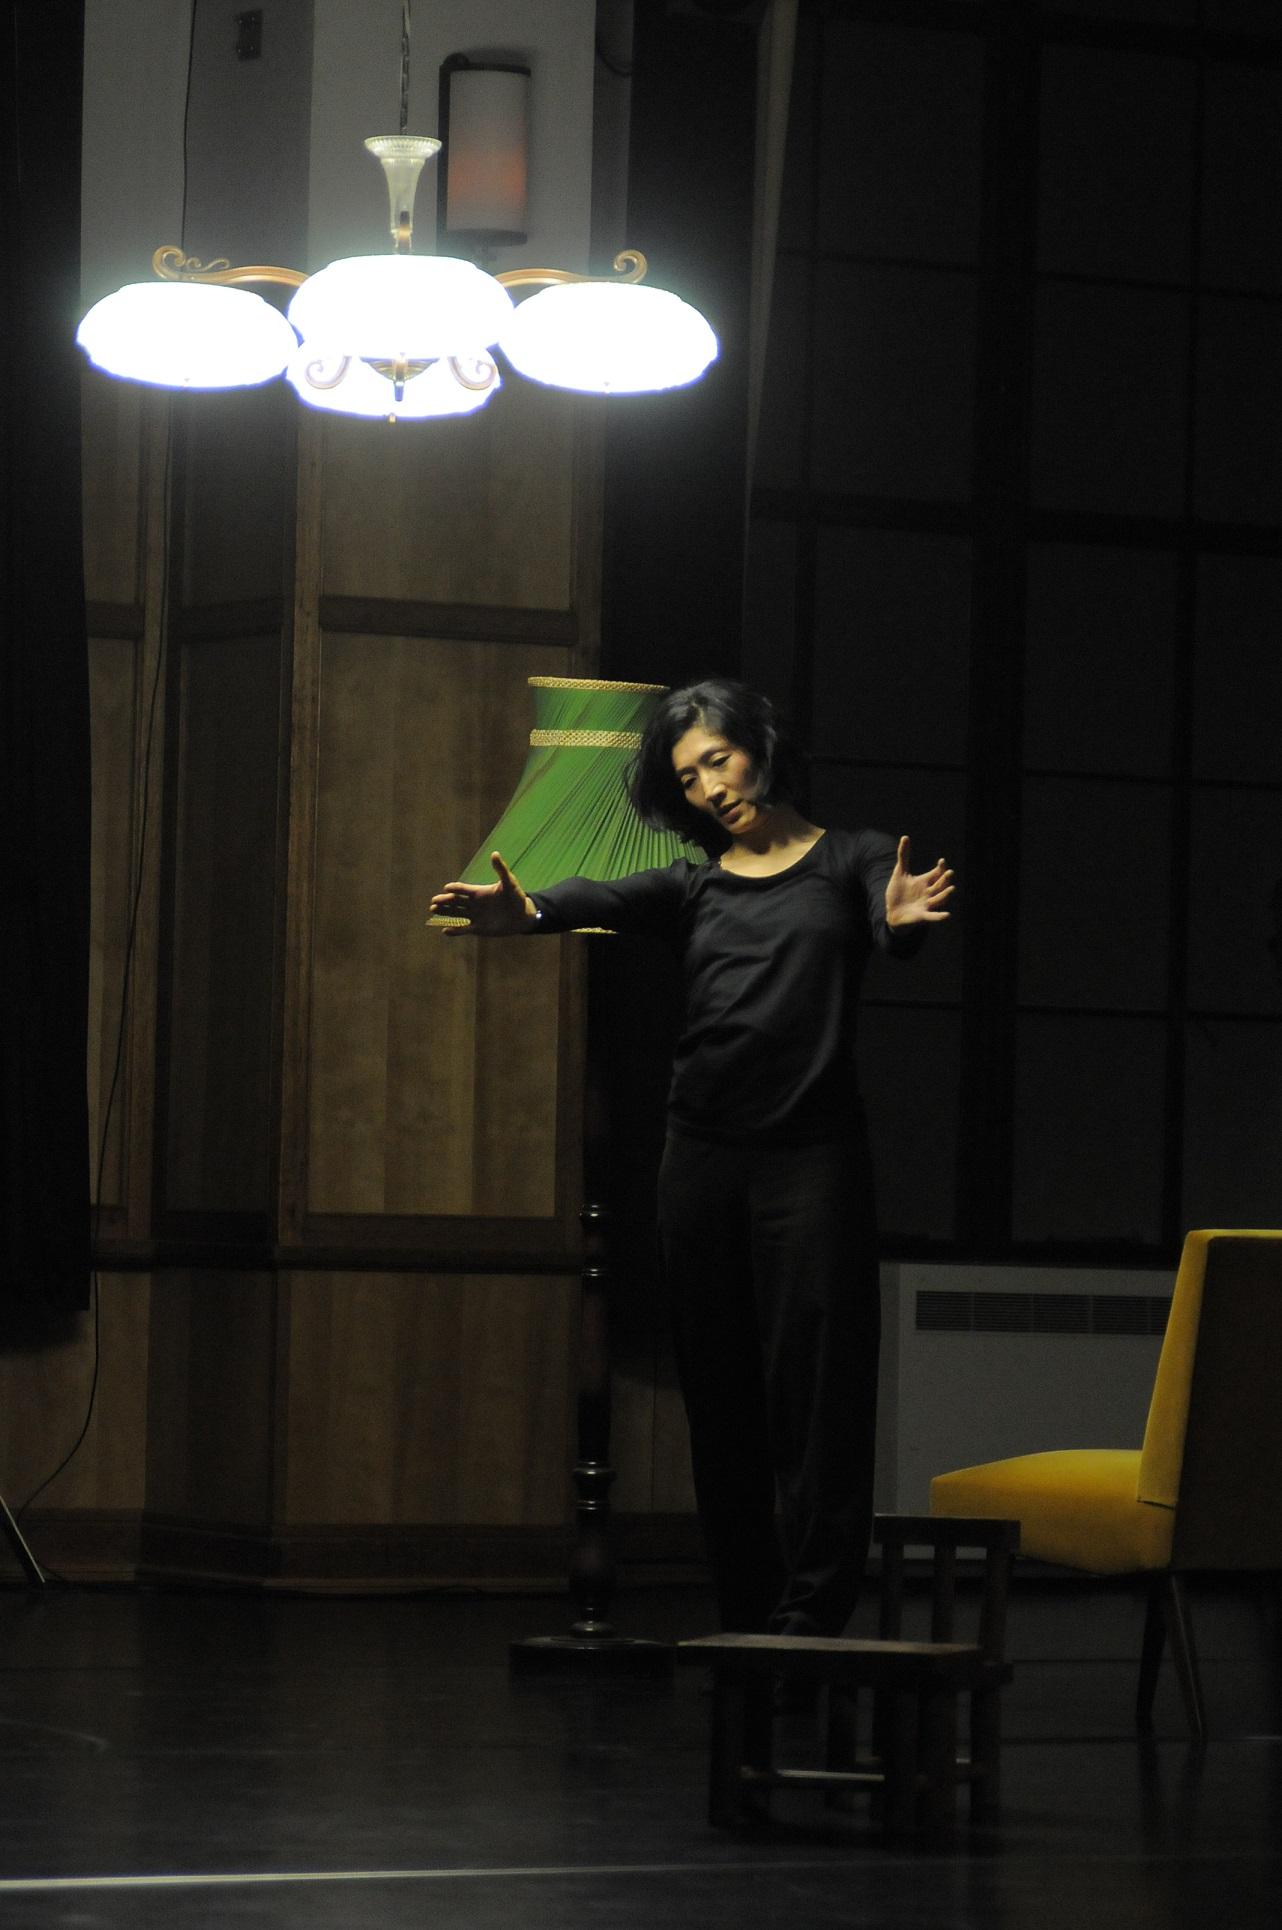 中村恩恵リサーチプロジェクト 2012  performance 『Inner Garden』 photo: Ayako Abe